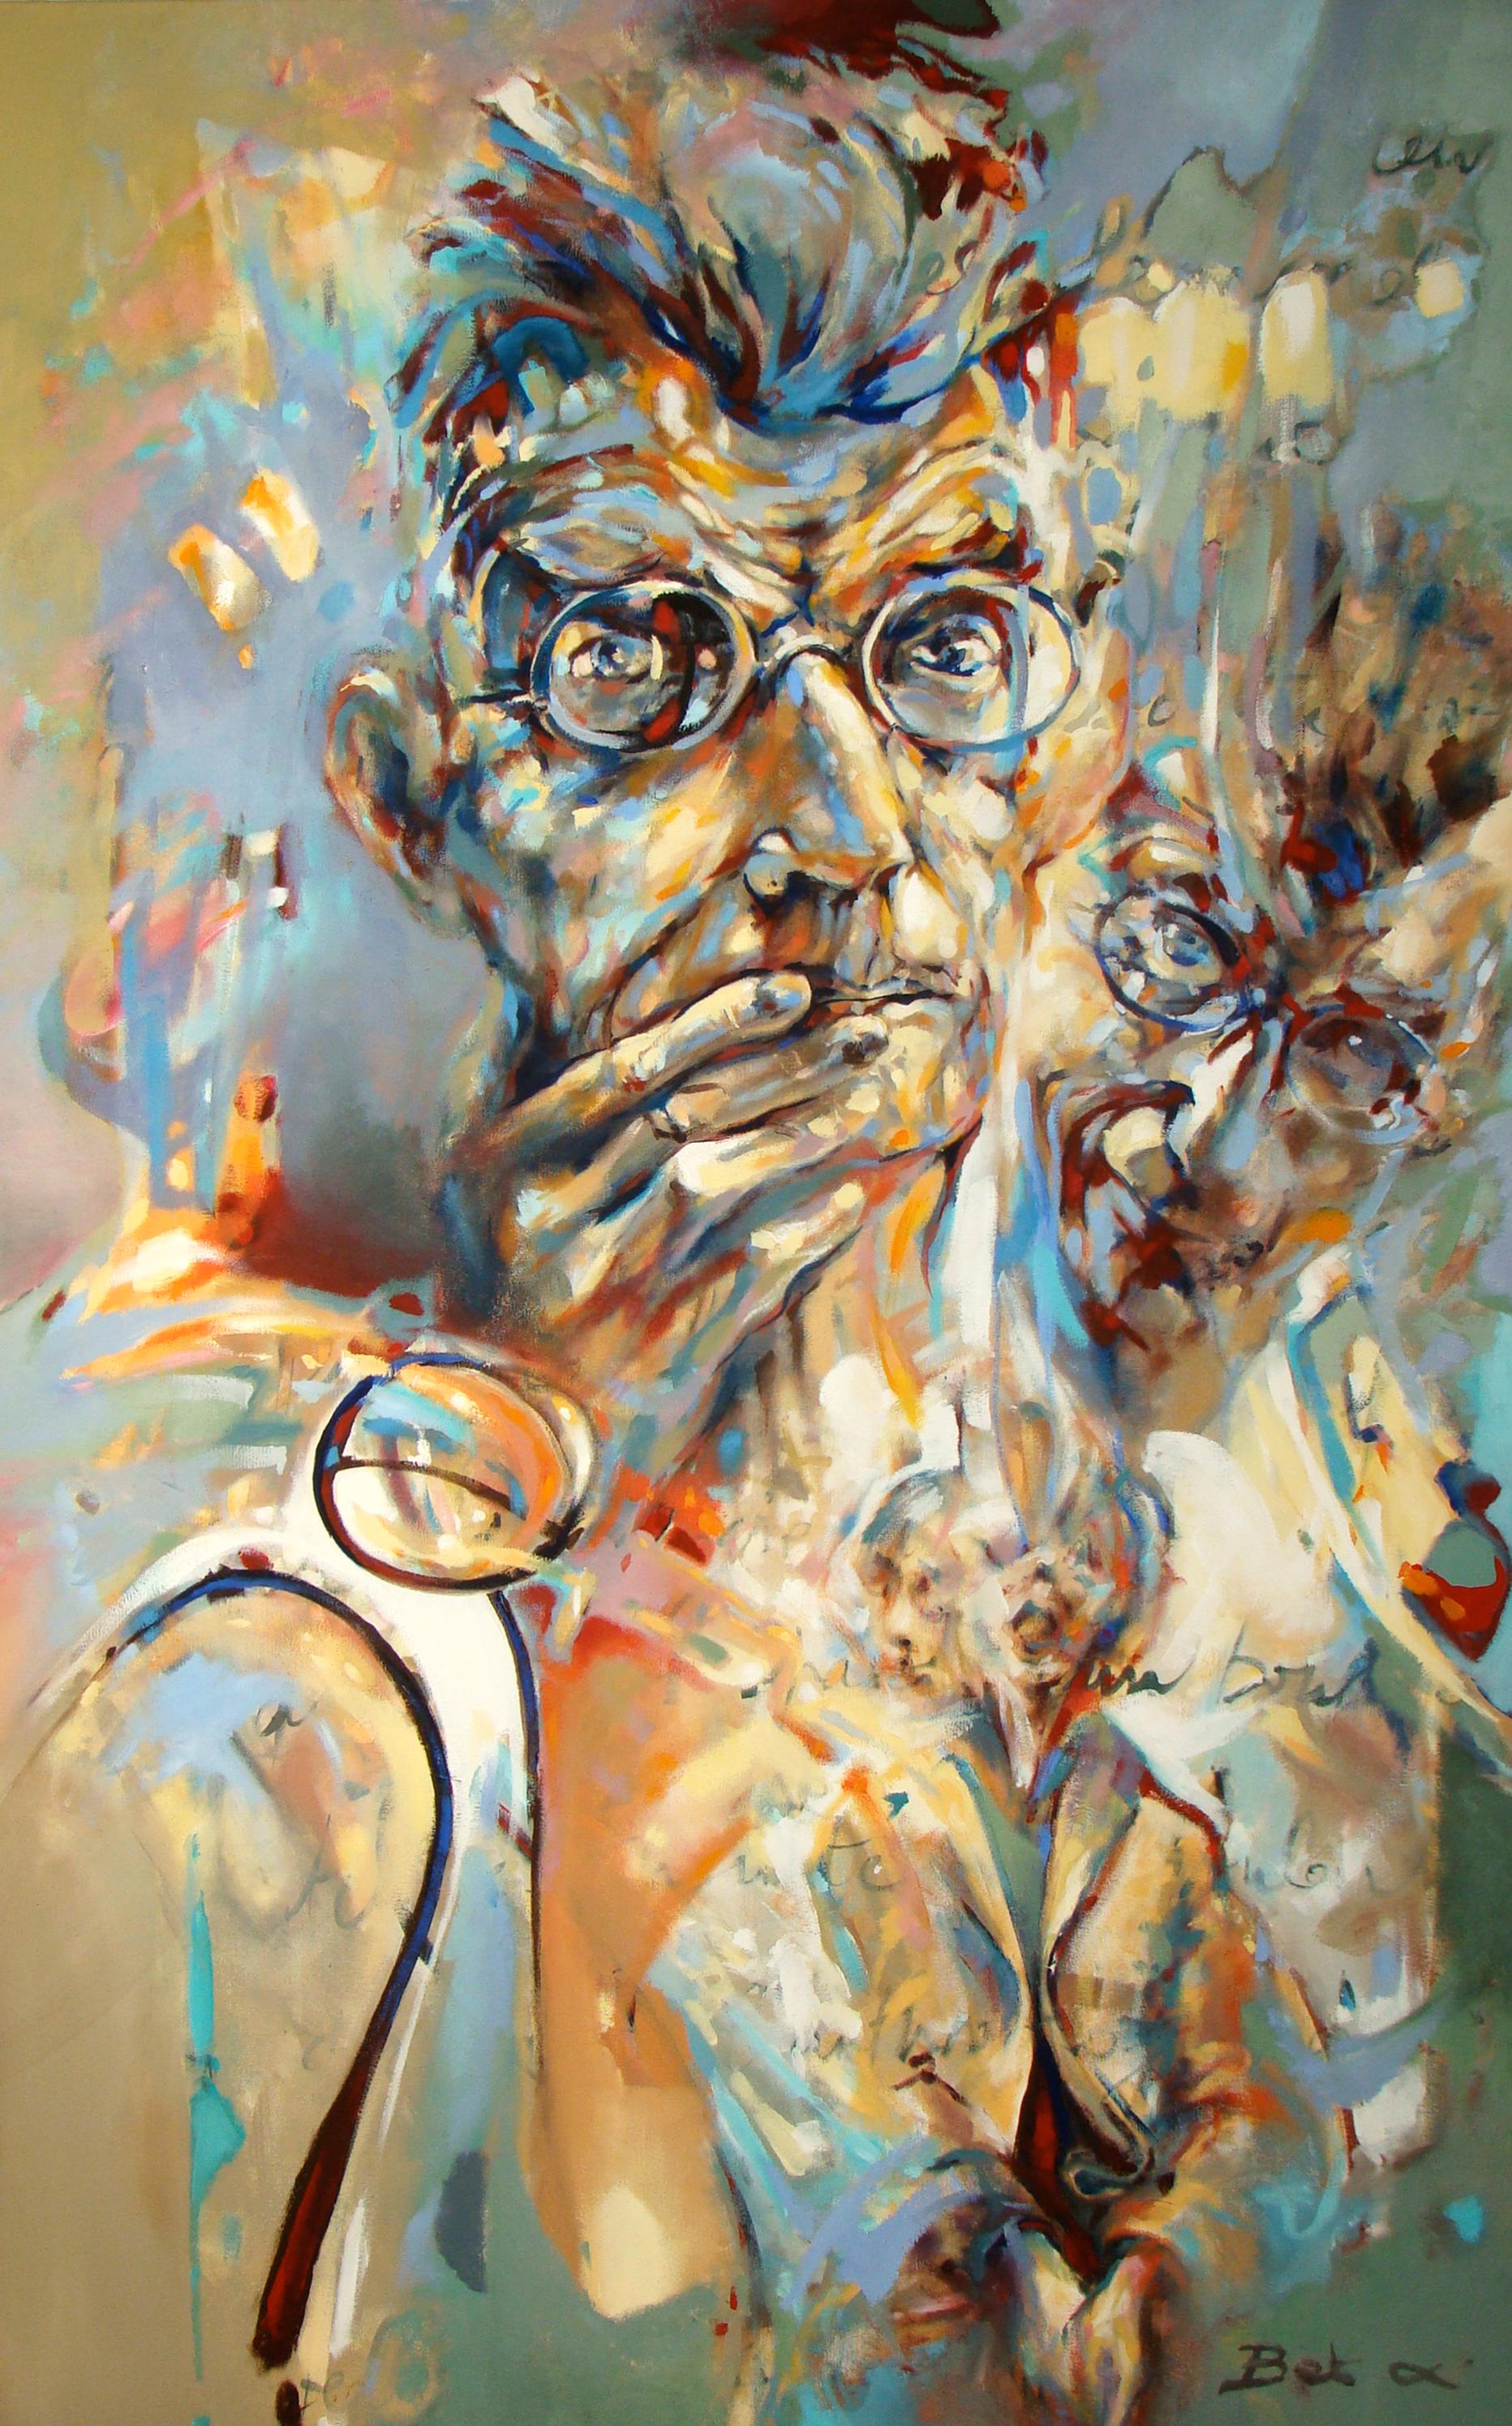 S. Beckett